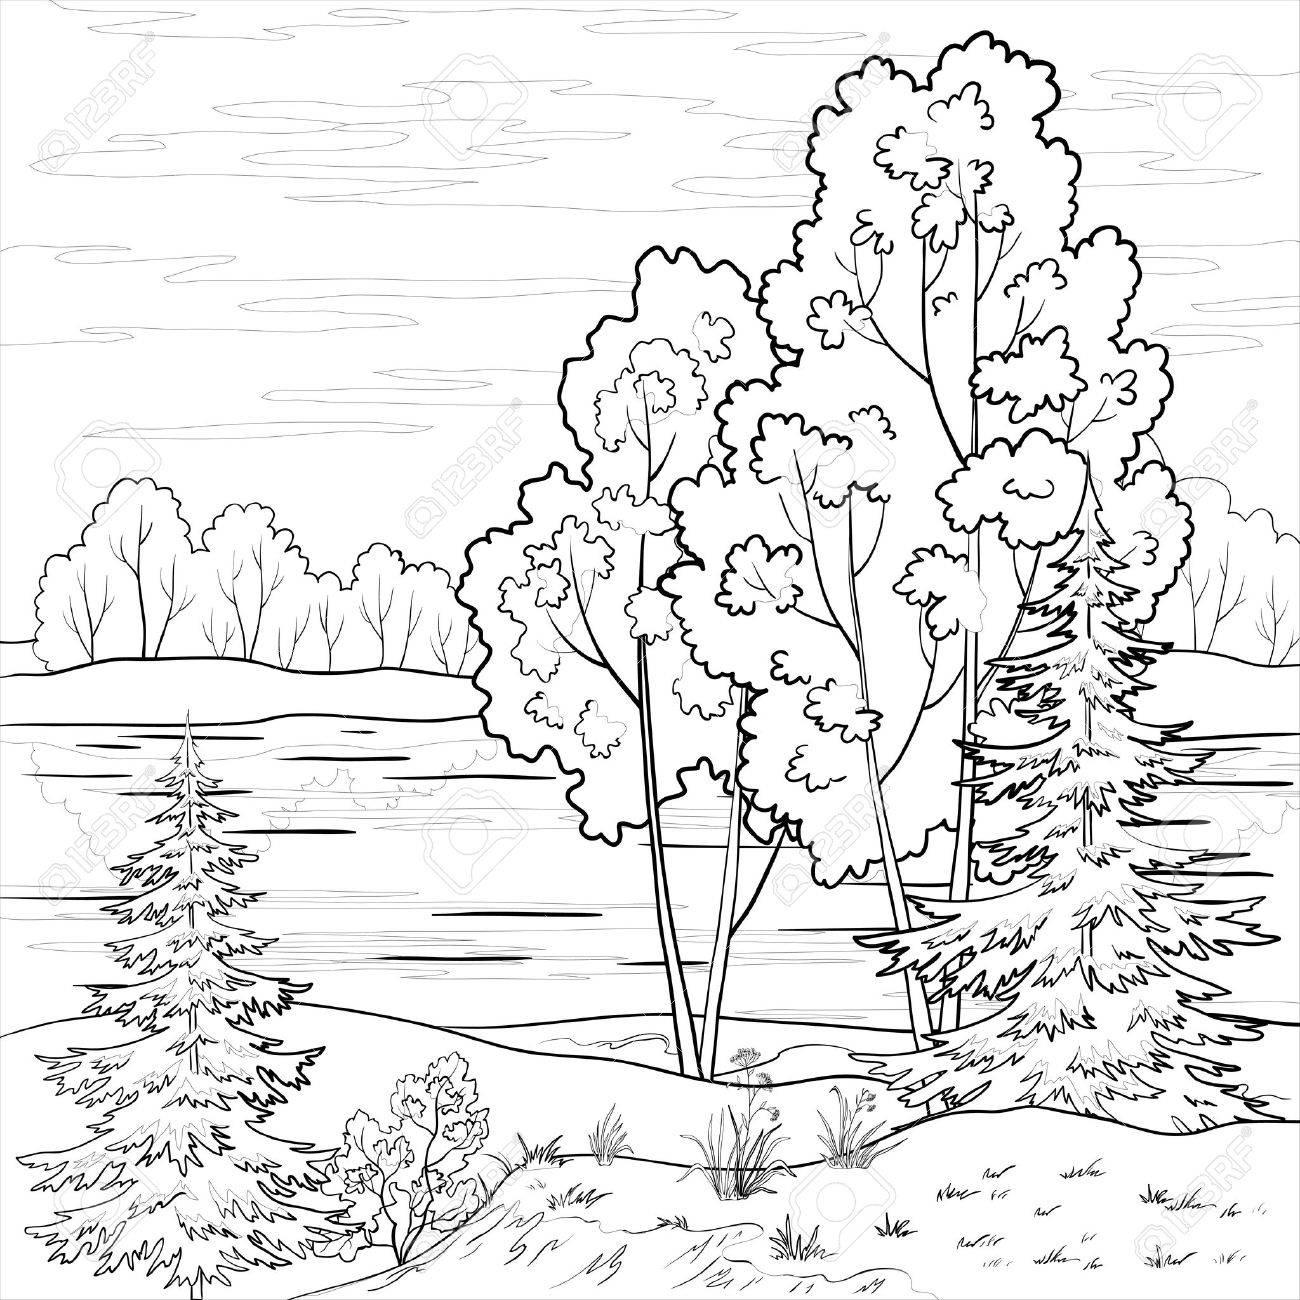 Рисунок на тему лесной пейзаж 4